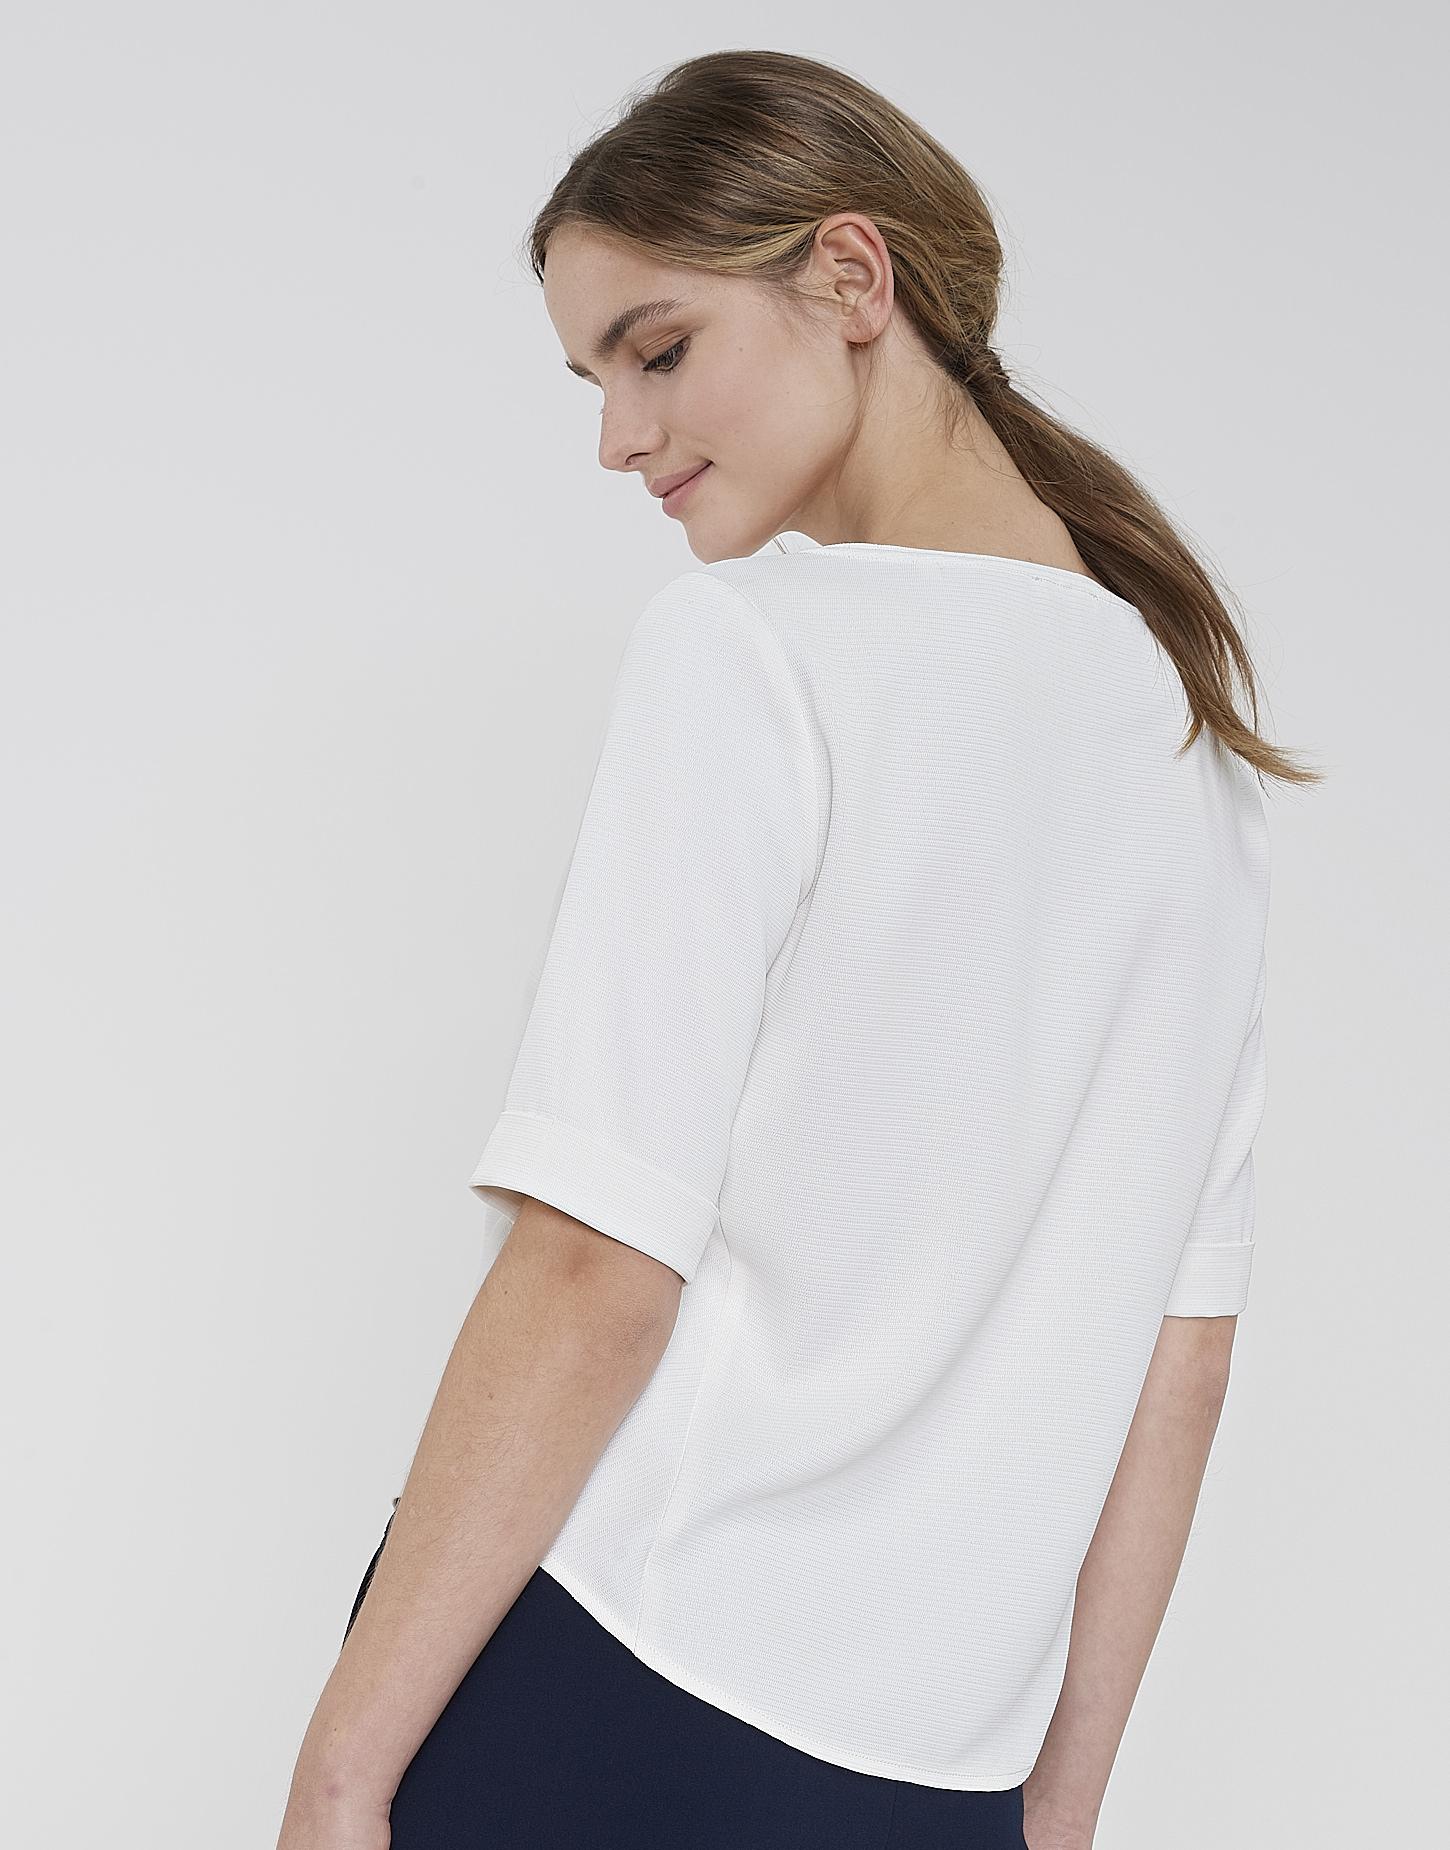 Shirtbluse Fimka OPUS Neuer Günstiger Preis Schnelle Lieferung Zu Verkaufen Günstig Kaufen Zuverlässig BcOPl3Q